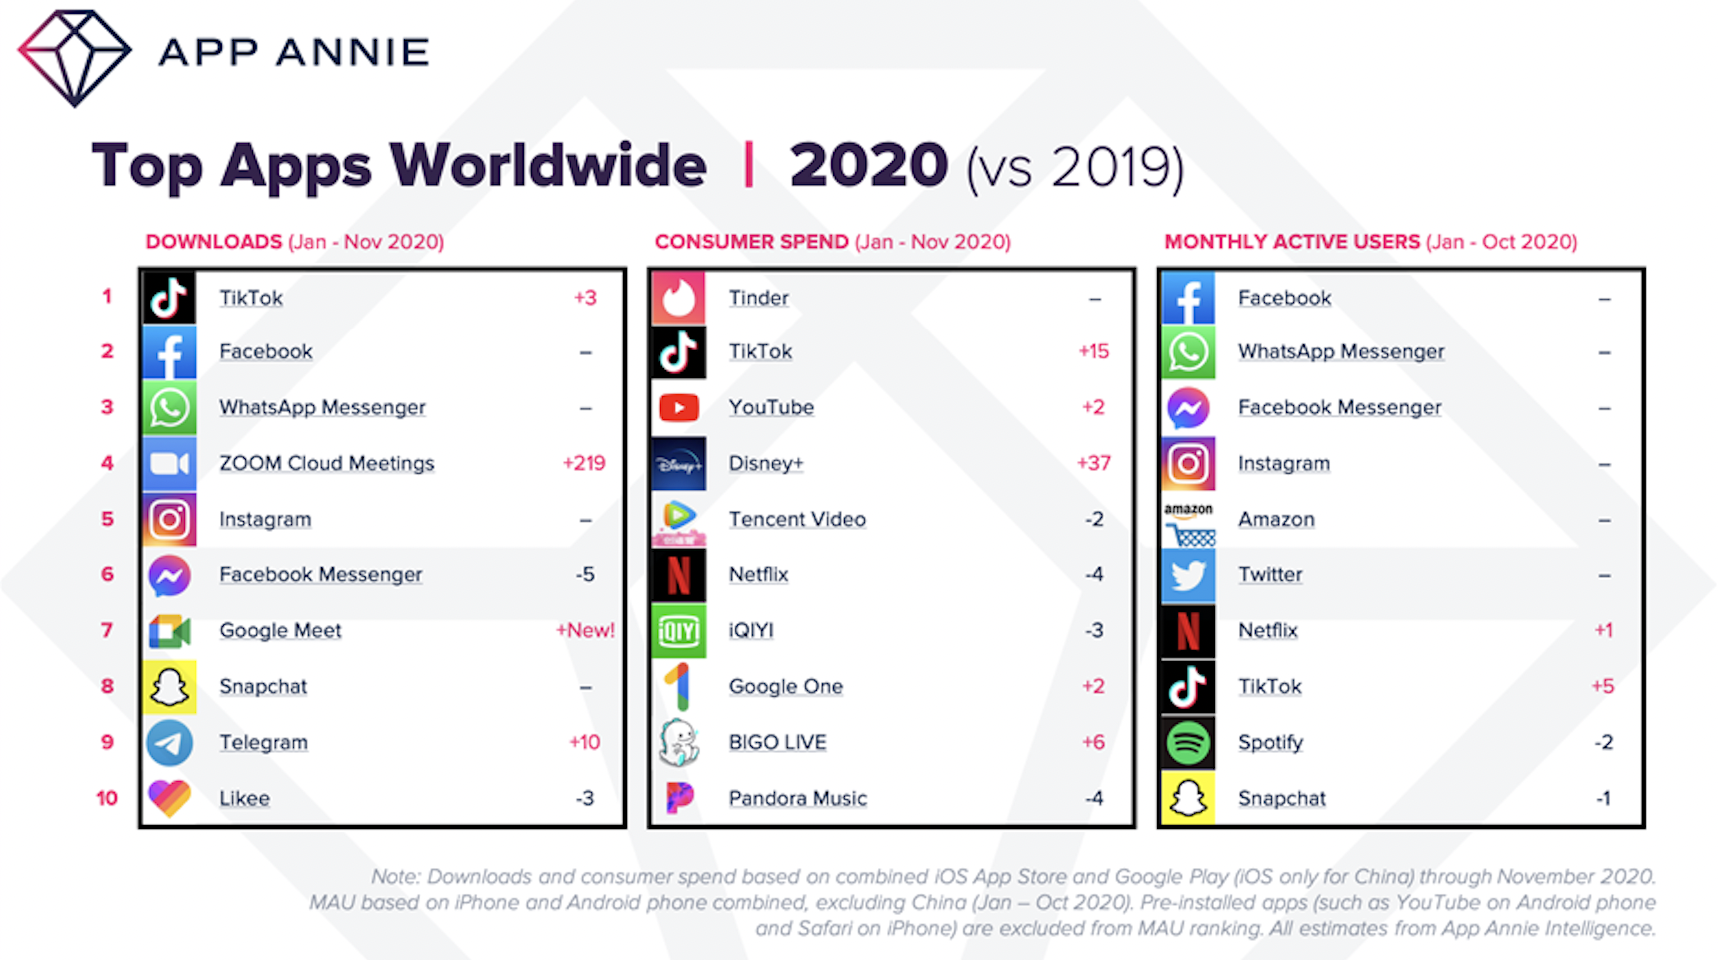 Vượt mặt Facebook, Tik Tok trở thành ứng dụng được tải về nhiều nhất năm 2020 1